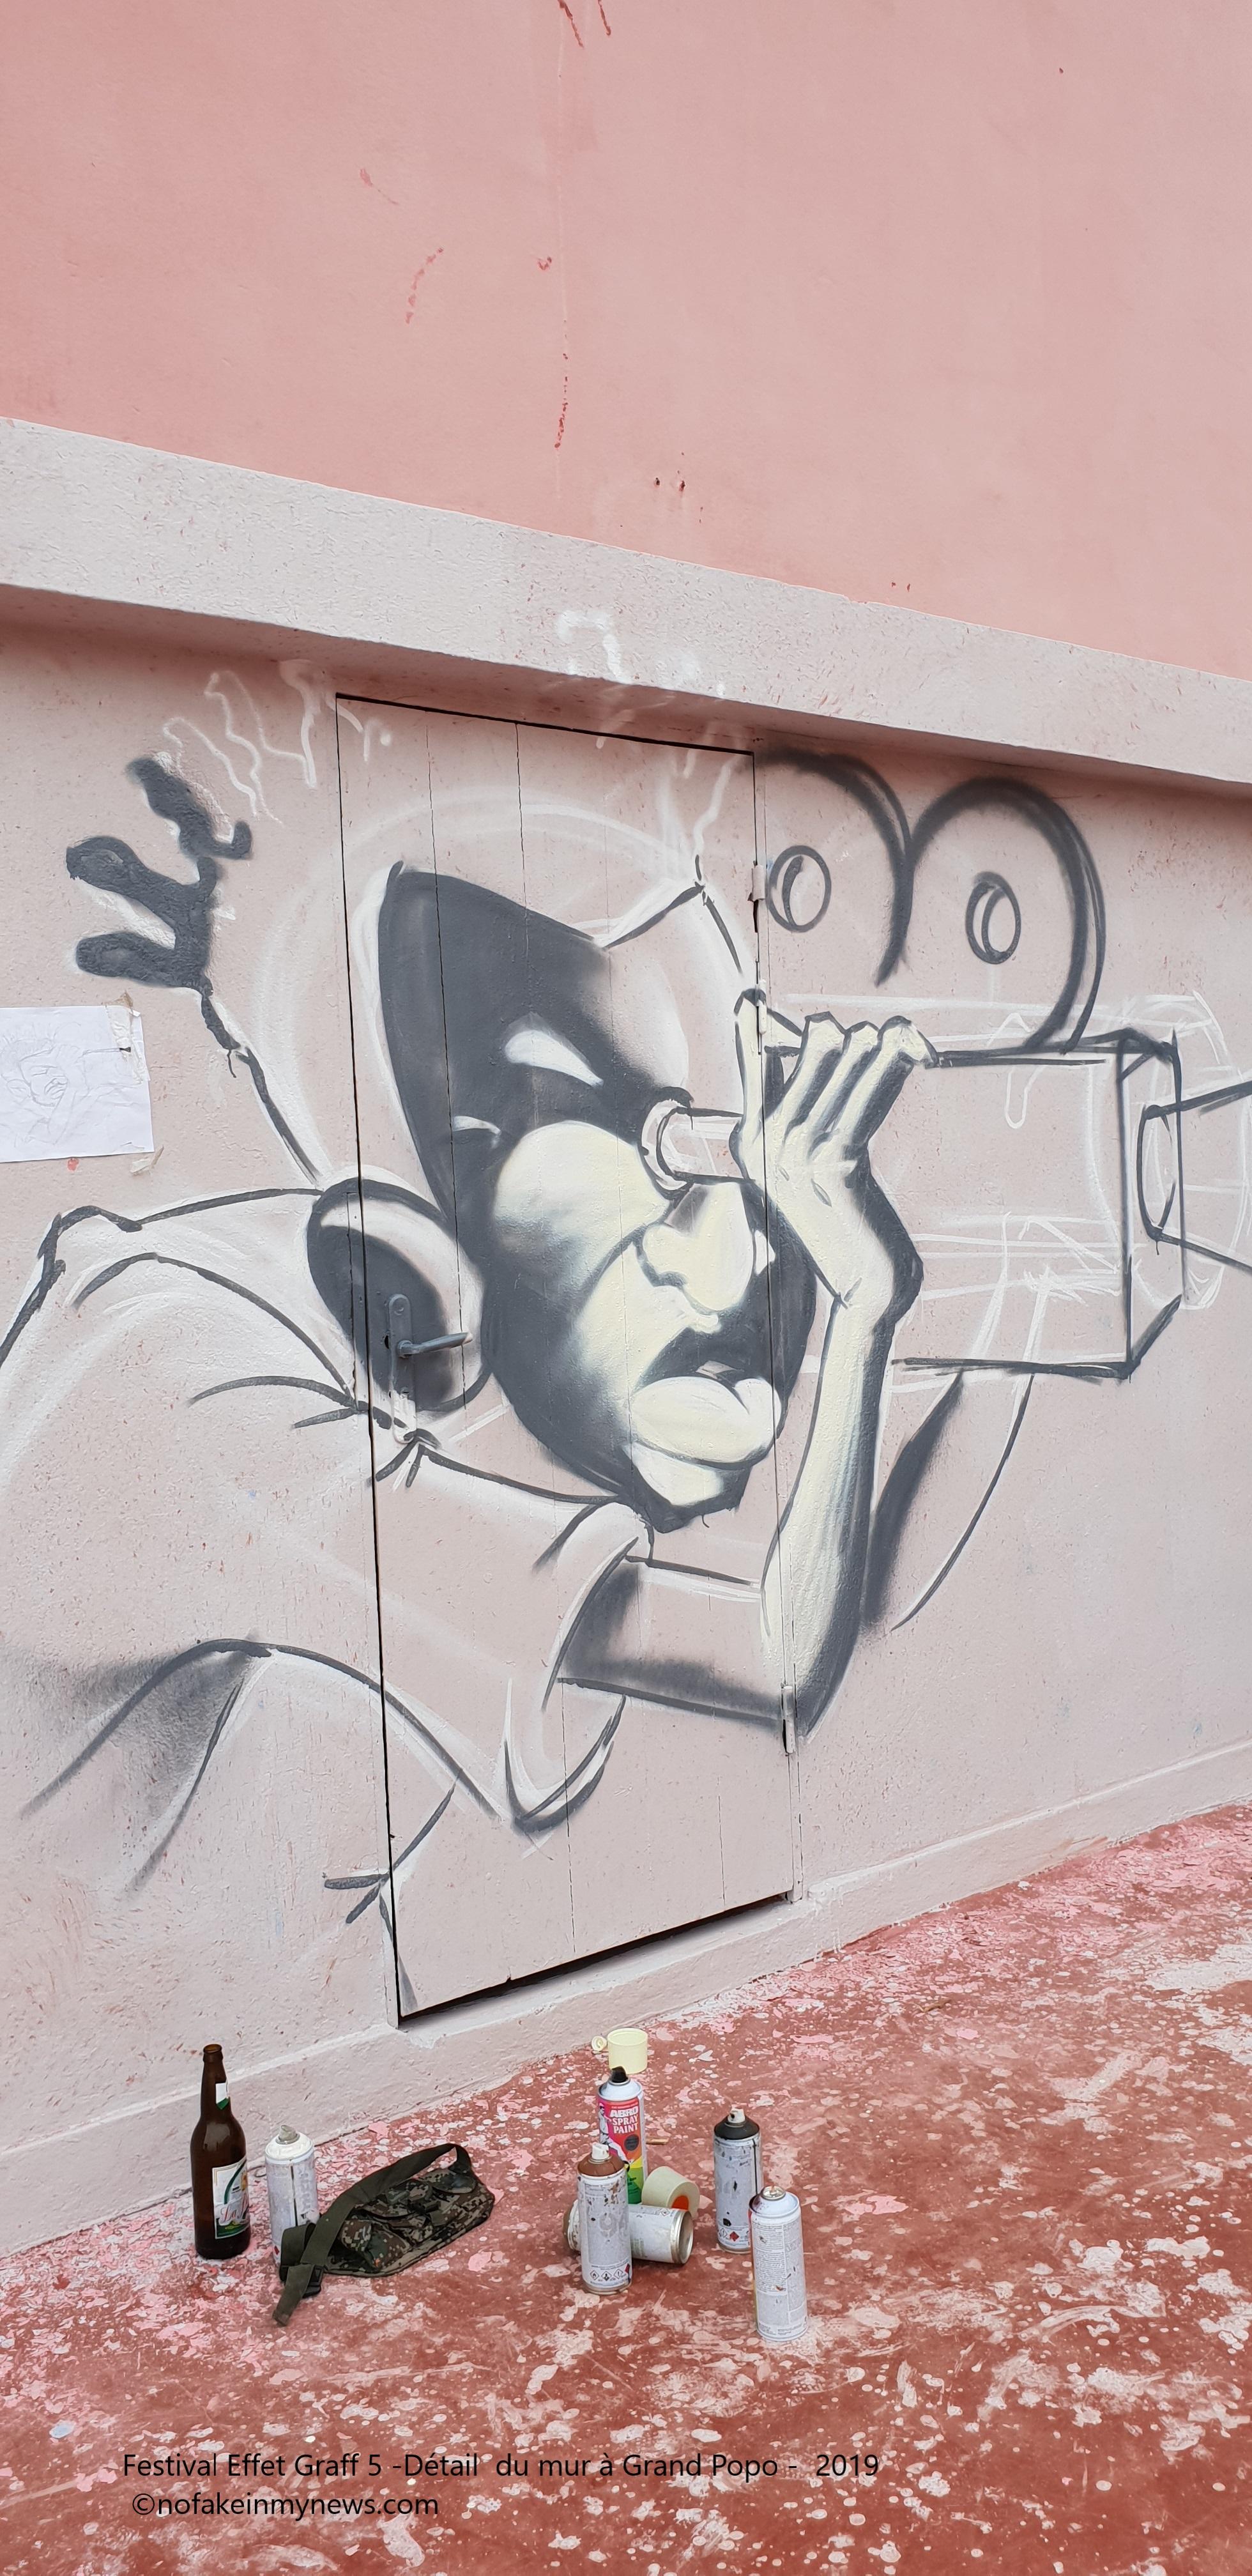 Festival Effet Graff 5 -Détail du mur à Grand-Popo 2019 - ©nofakeinmynews